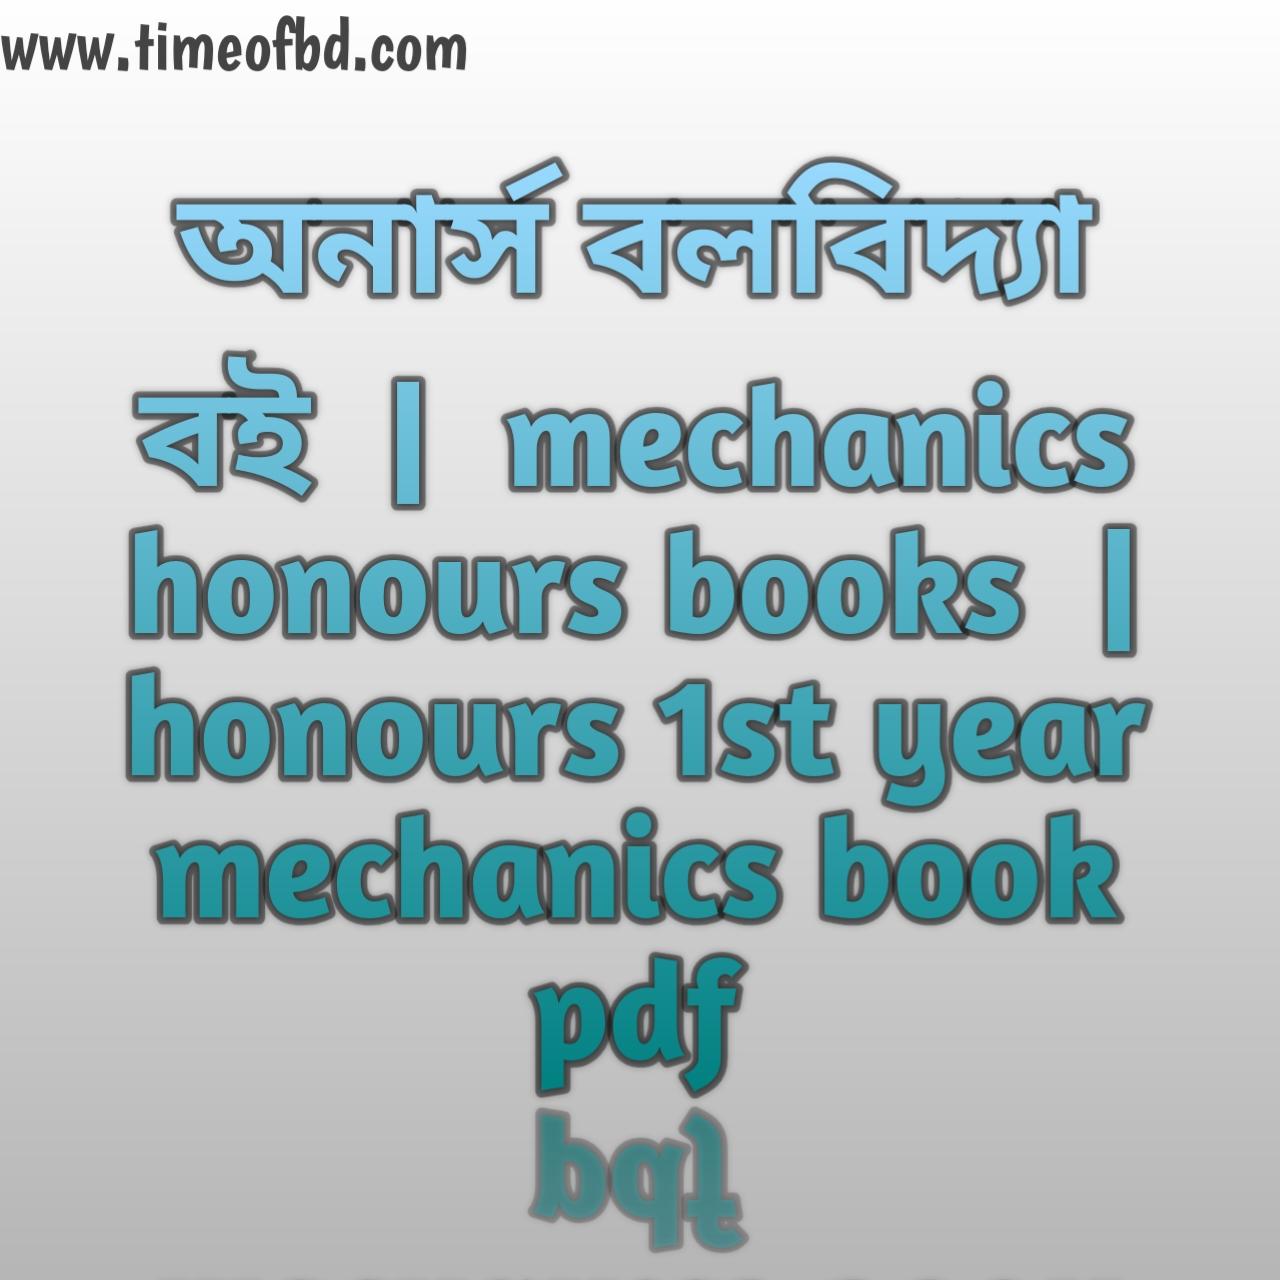 অনার্স বলবিদ্যা বই, mechanics honours books, অনার্স বলবিদ্যা বই pdf, mechanics honours books pdf, অনার্স বলবিদ্যা বিভাগ , honours 1st year mechanics book pdf, অনার্স দ্বিতীয় বর্ষের বলবিদ্যা বই pdf, honours 2nd year mechanics book list, অনার্স দ্বিতীয় বর্ষের বলবিদ্যা বই, mechanics honours practical book, অনার্স প্রথম বর্ষ বলবিদ্যা বই, honours 1st year mechanics book, বলবিদ্যা অনার্স প্রথম বর্ষ, honours 1st year mechanics book list, বলবিদ্যা অনার্স তৃতীয় বর্ষ, best book for mechanics honours, অনার্স তৃতীয় বর্ষের বই বলবিদ্যা pdf, অনার্স তৃতীয় বর্ষের বই বলবিদ্যা